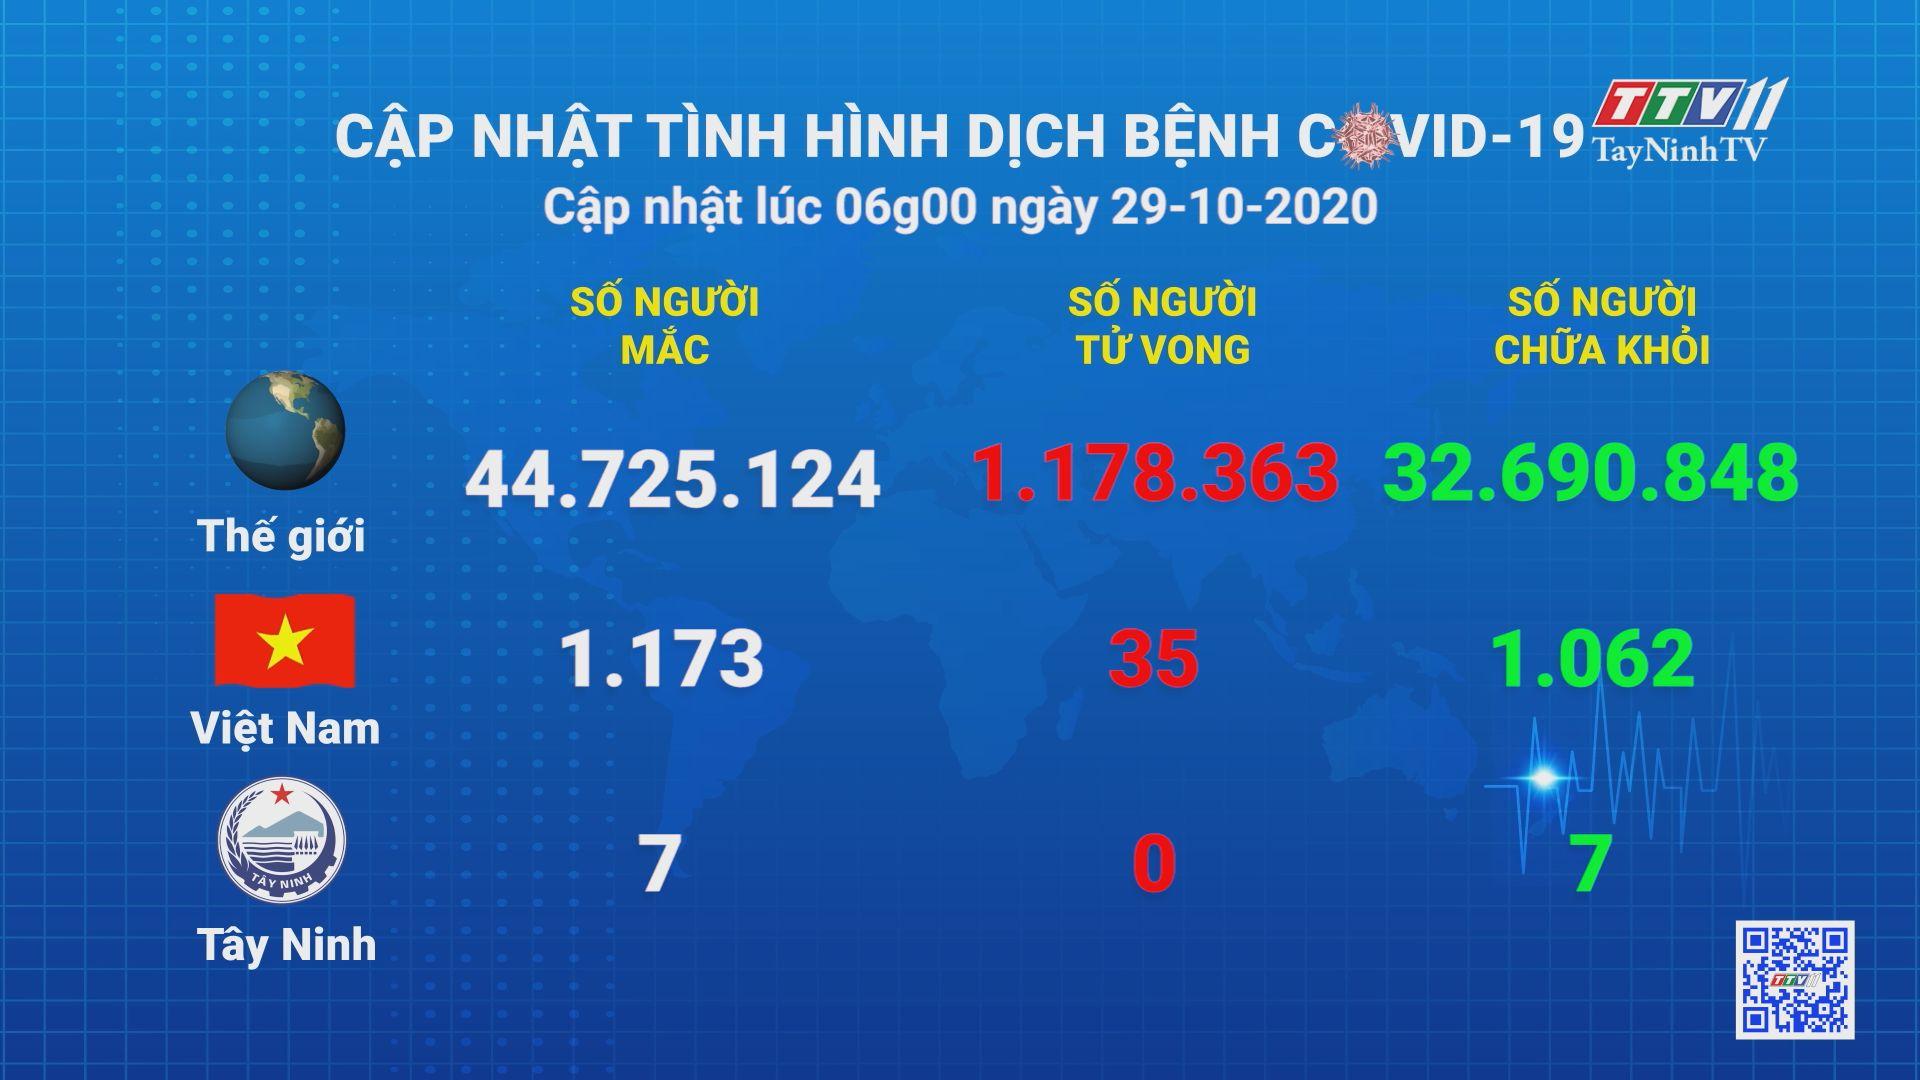 Cập nhật tình hình Covid-19 vào lúc 21 giờ 28-10-2020 | Thông tin dịch Covid-19 | TayNinhTV